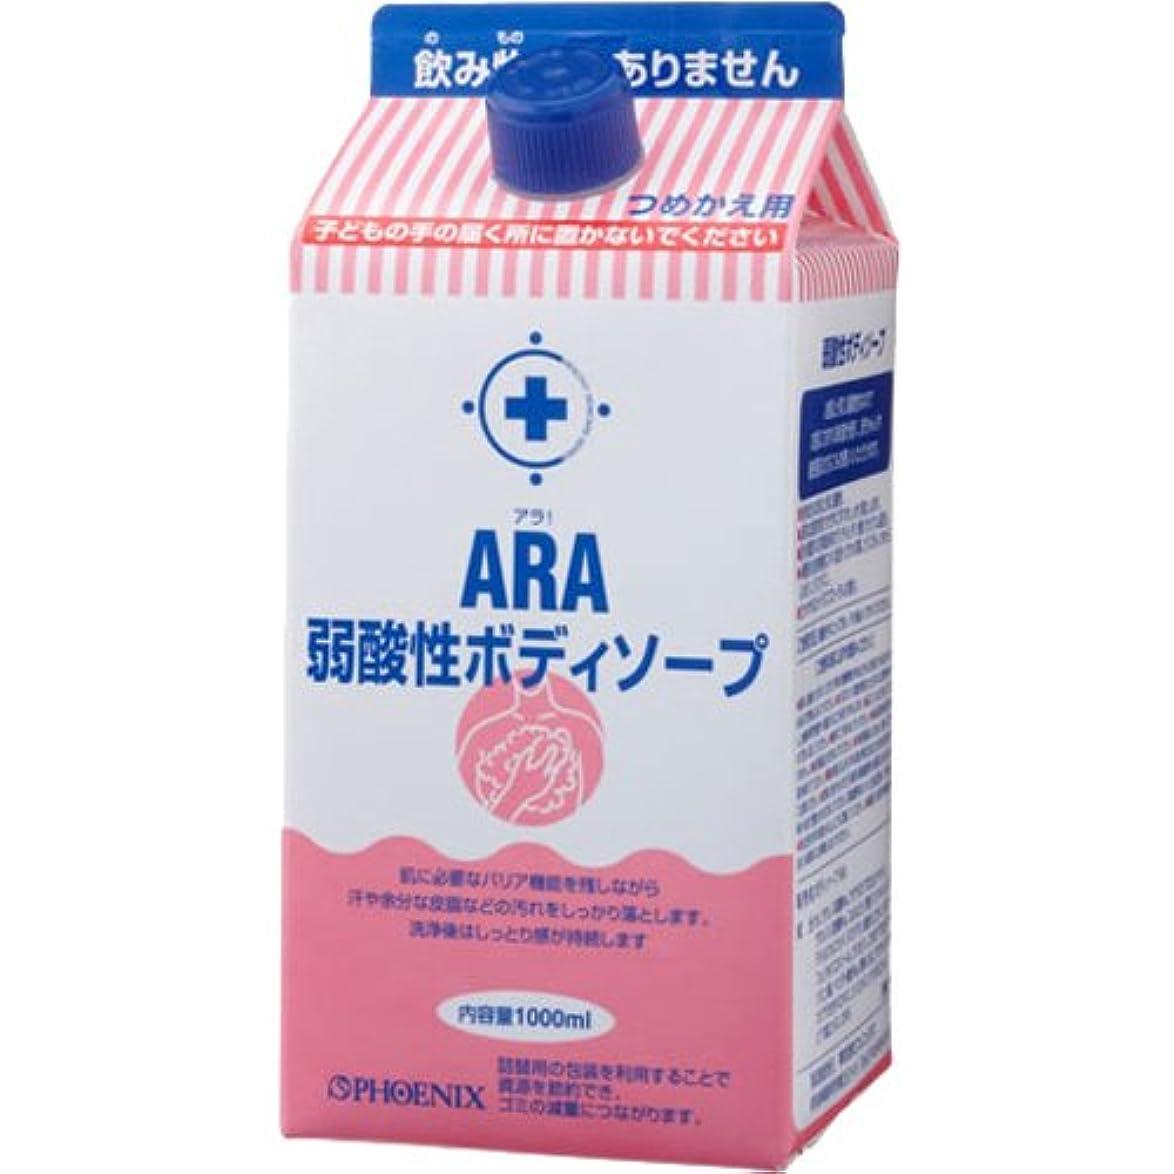 リファイン憧れ考えるARA 弱酸性ボディソープ (詰替え用) 1000ml×12入り